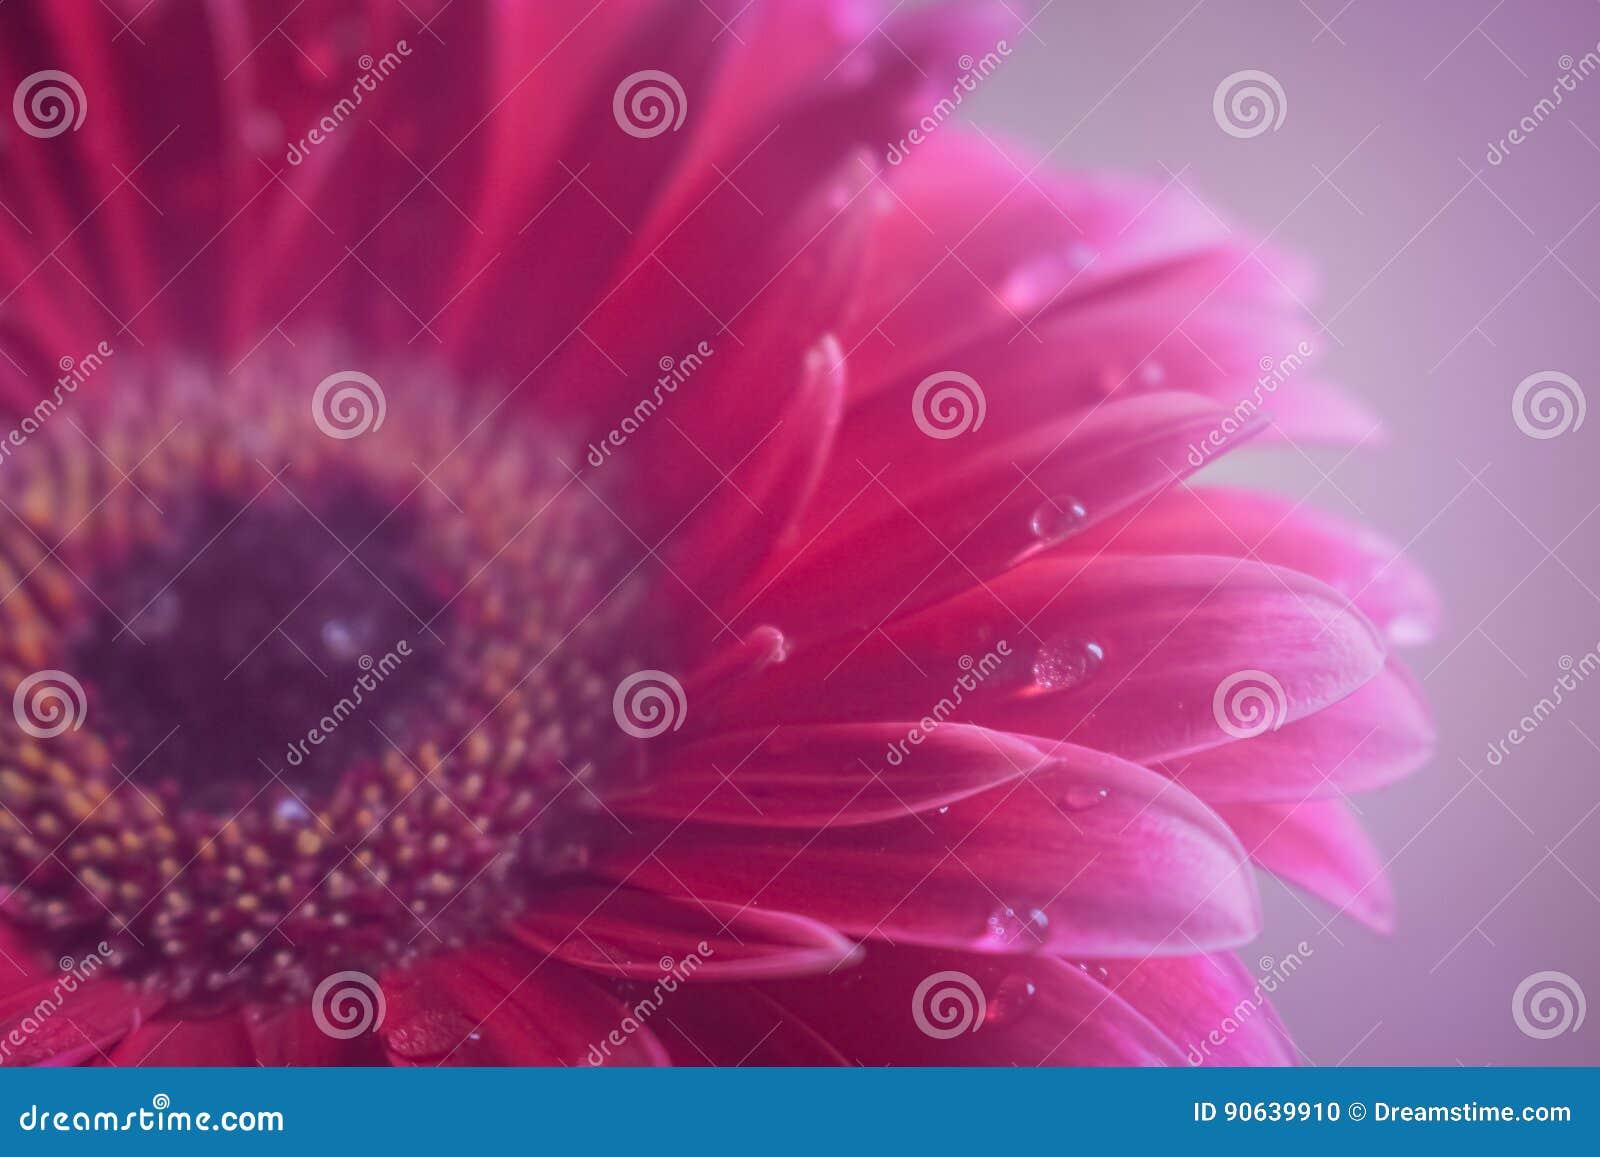 Fiore della gerbera bello e fondo viola di goccia del fiore